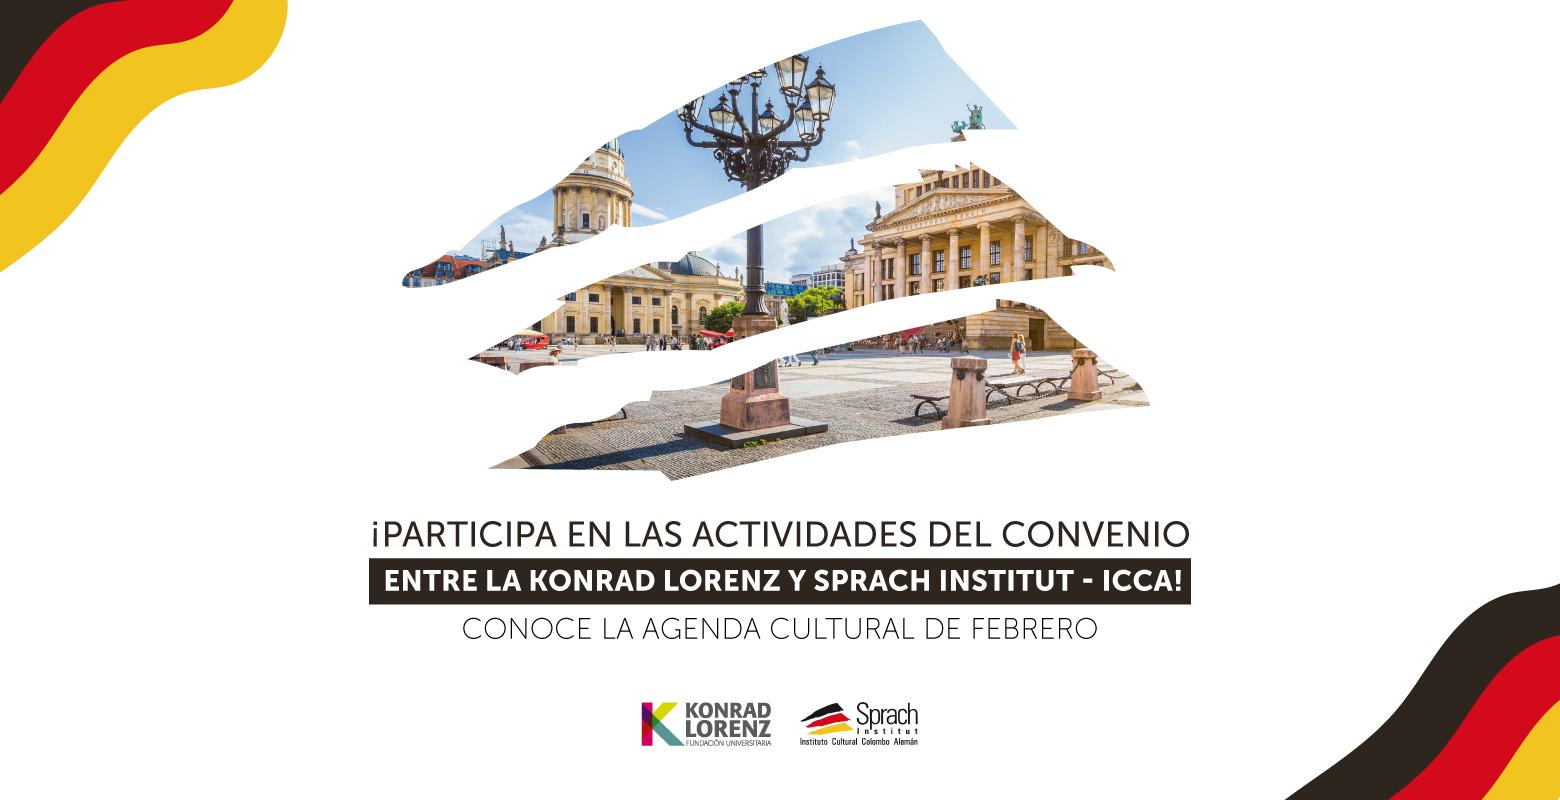 Programa Cultural Sprach Institut